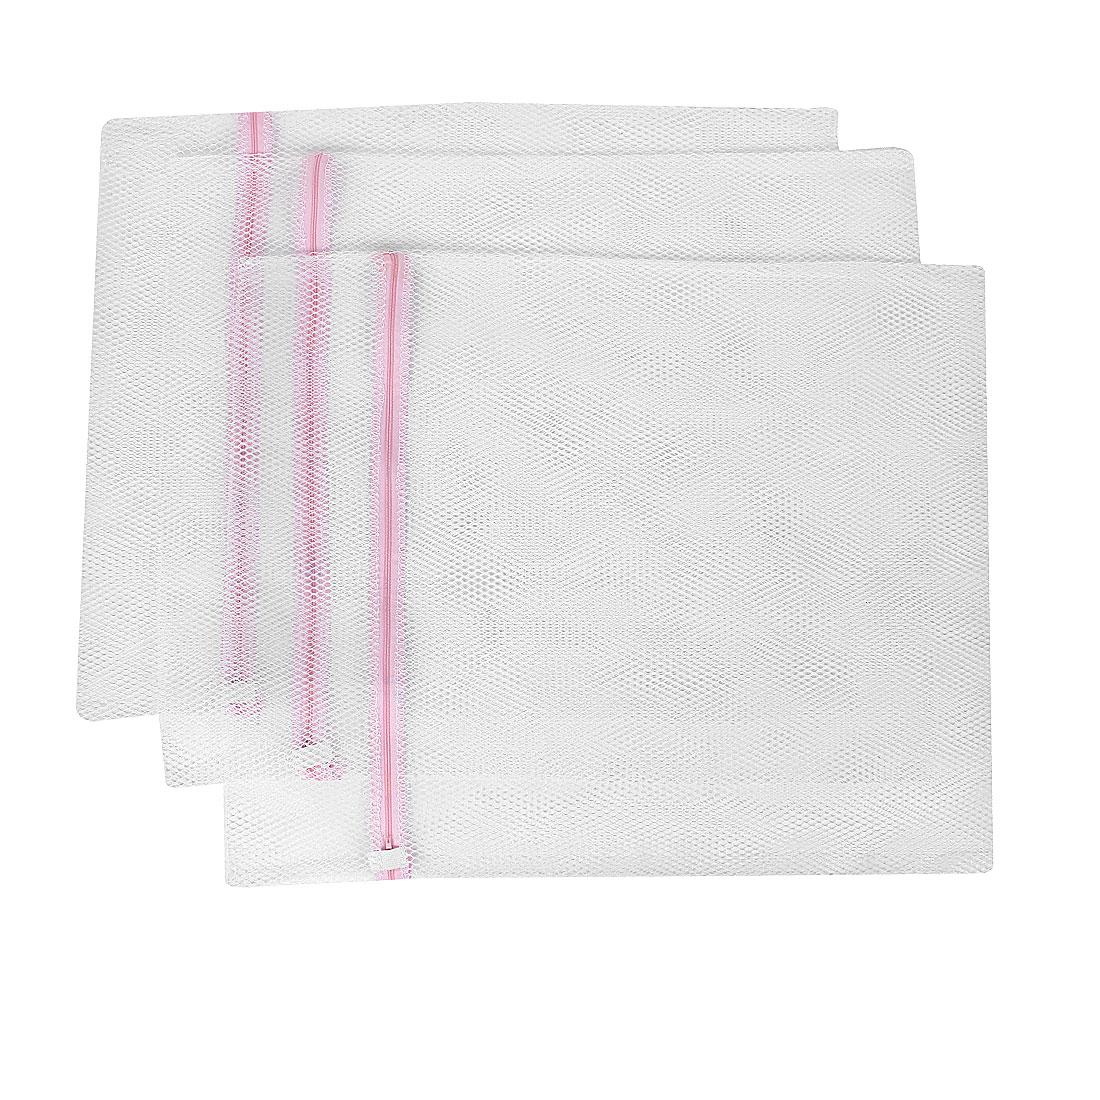 Zippered Mesh Washing Bag Pink White 60cm x 50cm 3Pcs